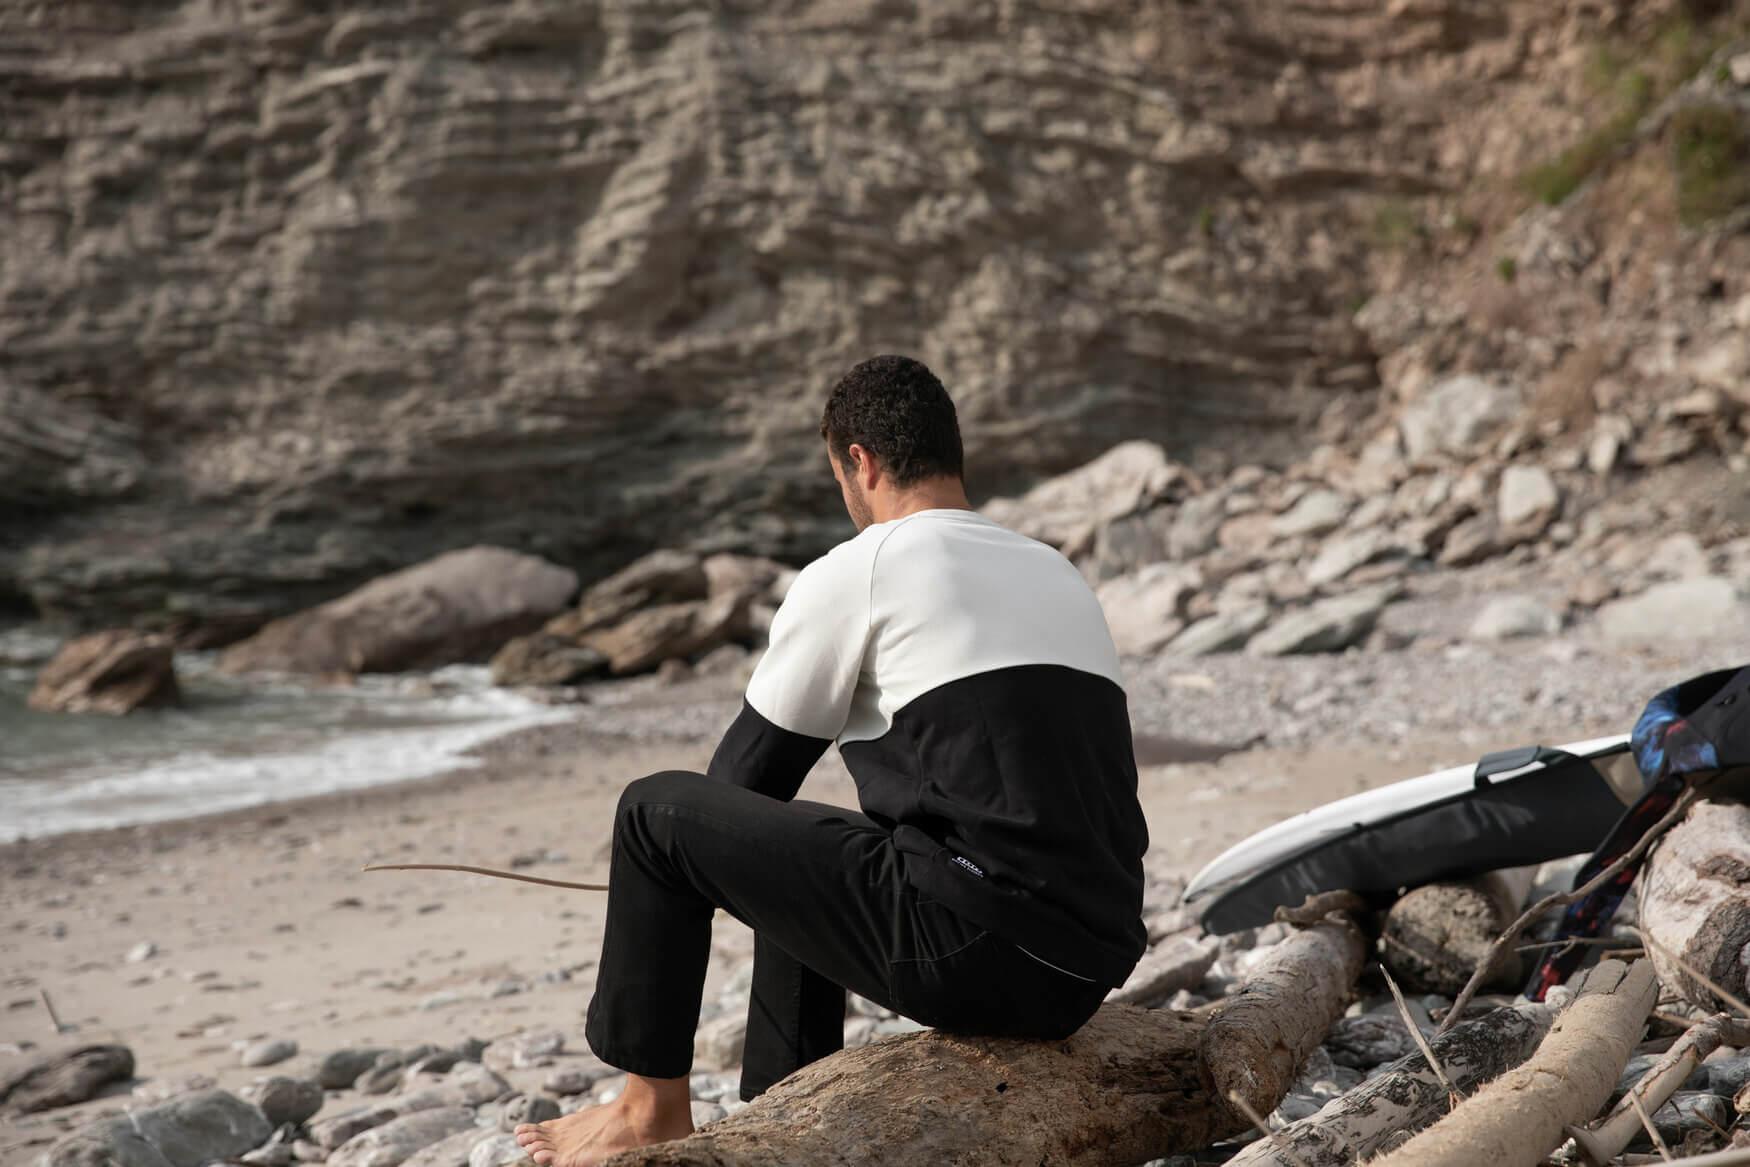 Sweater_Surfingelements_back.jpg